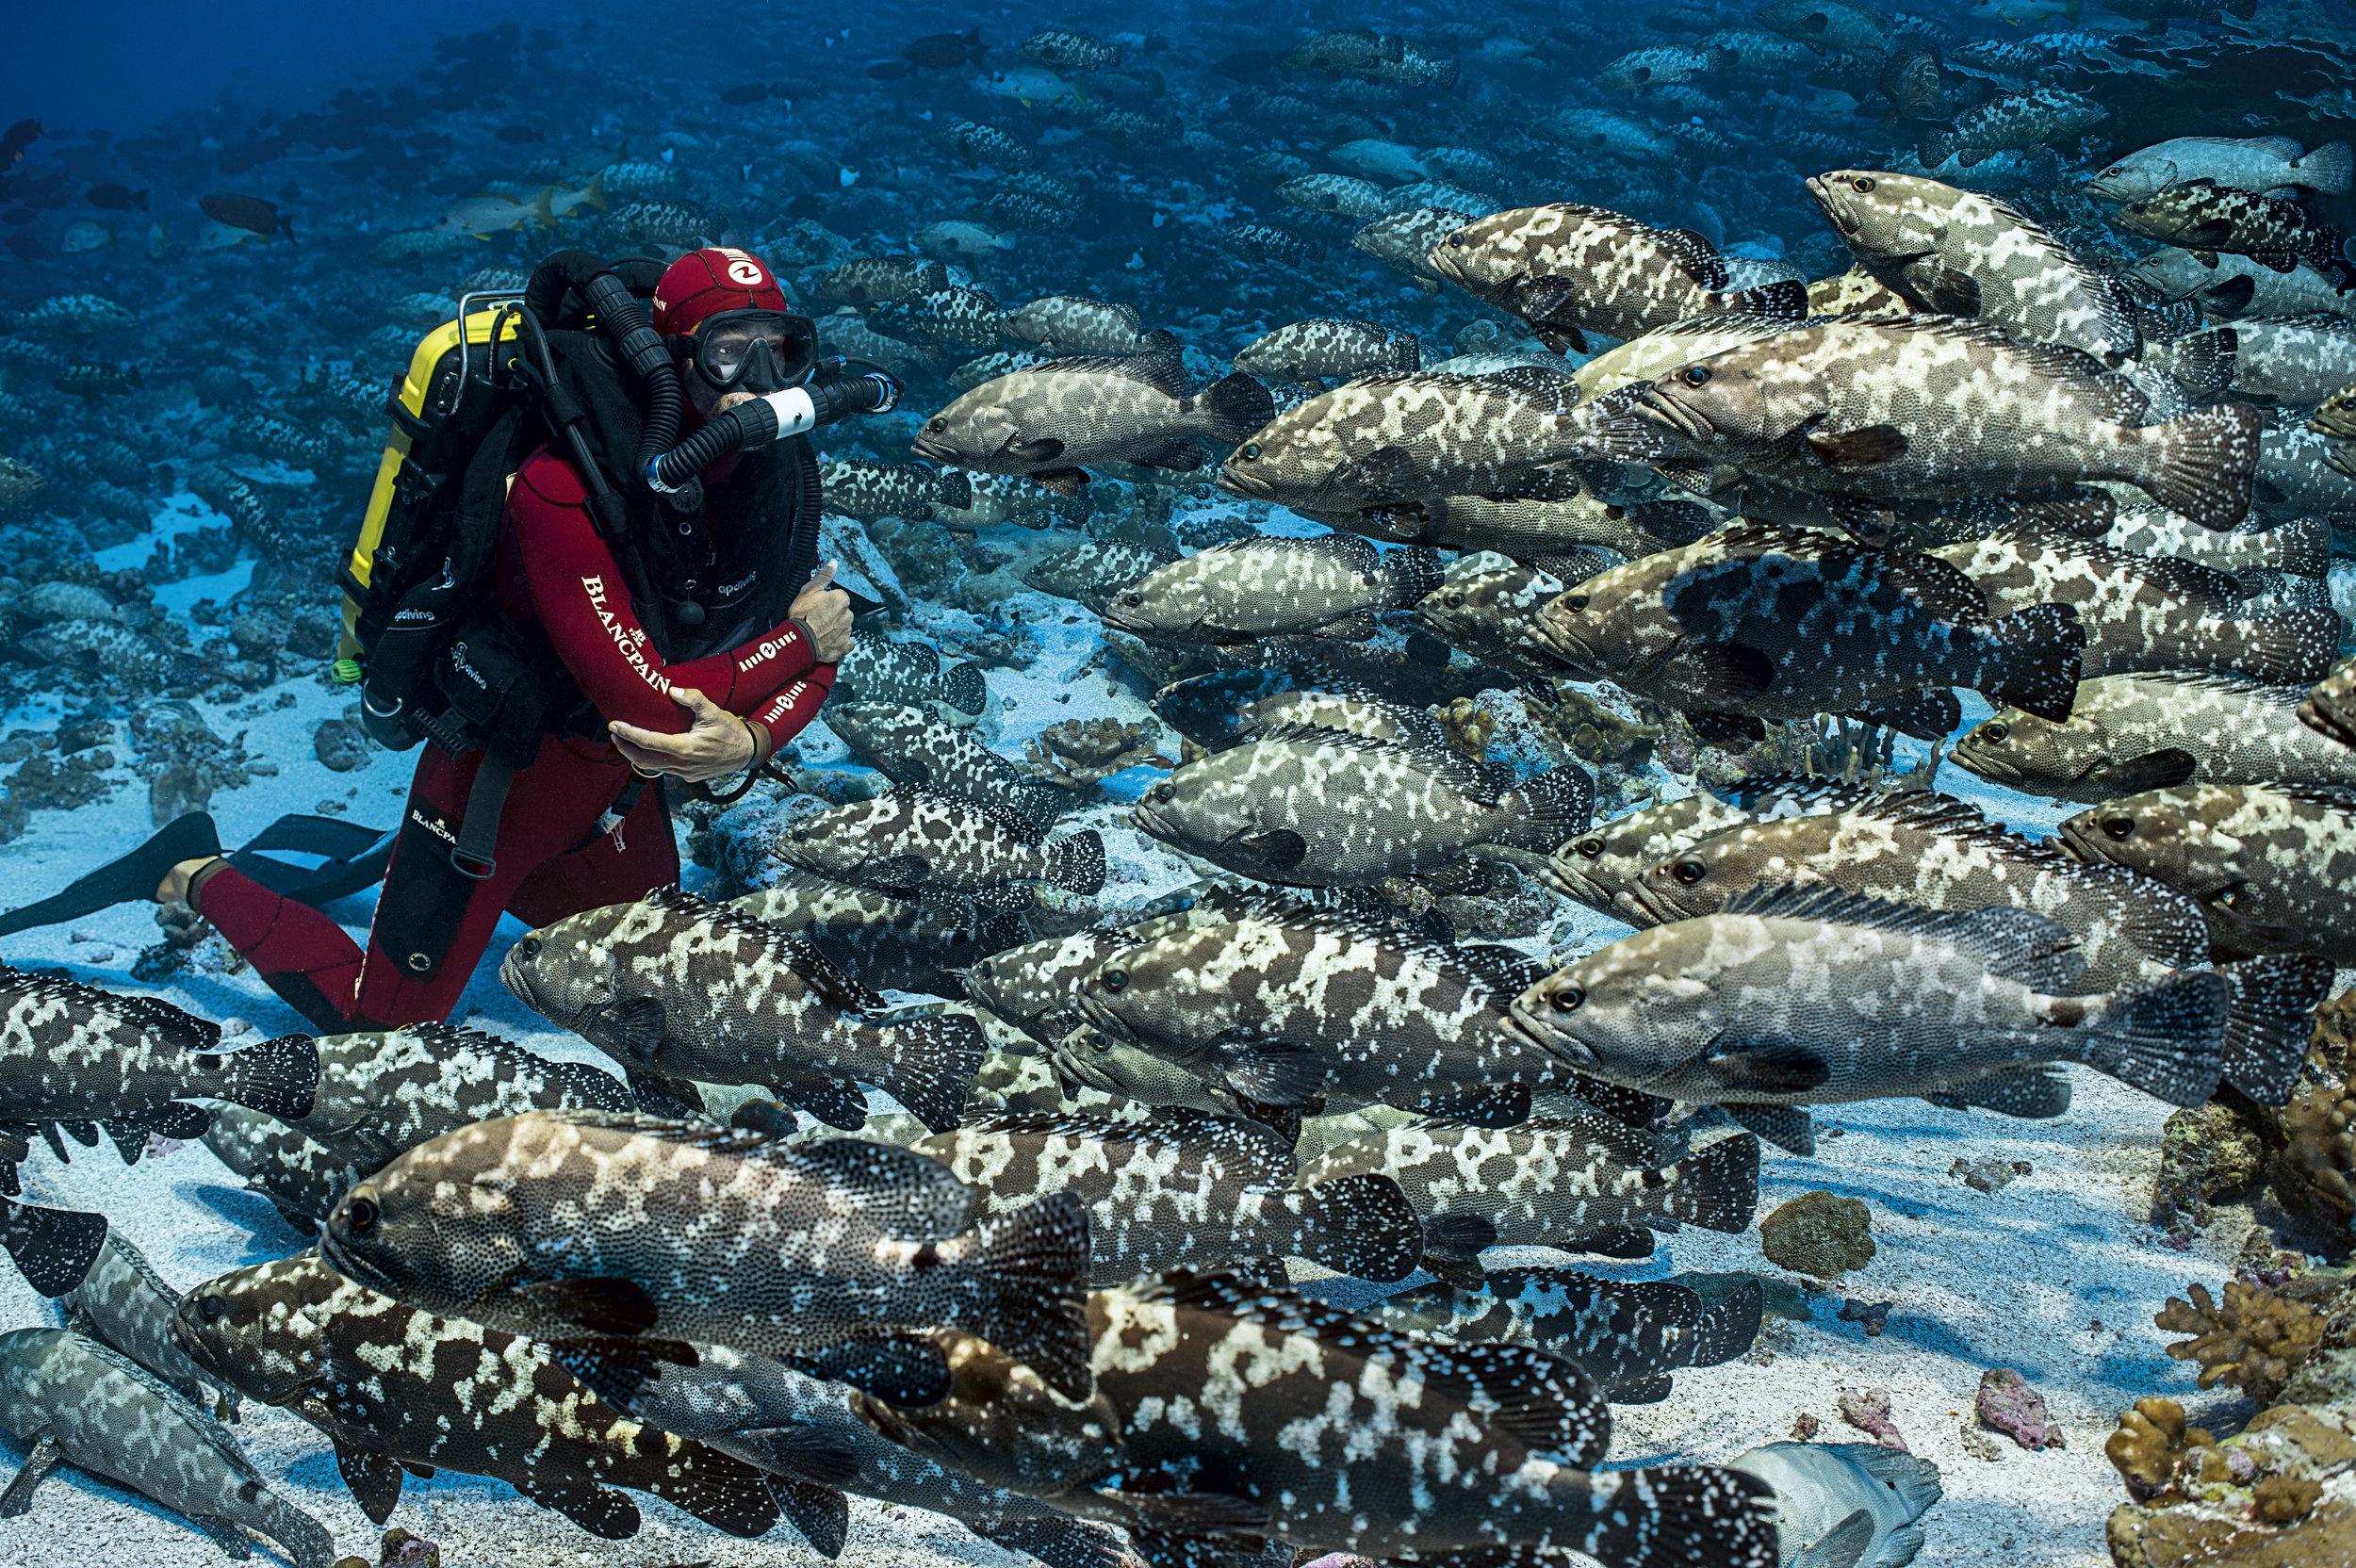 Bon-plan-exposition-700-requins-dans-la-nuit-elisa-les-bons-tuyaux-credit-photo-Laurent-Ballesta-5.jpg